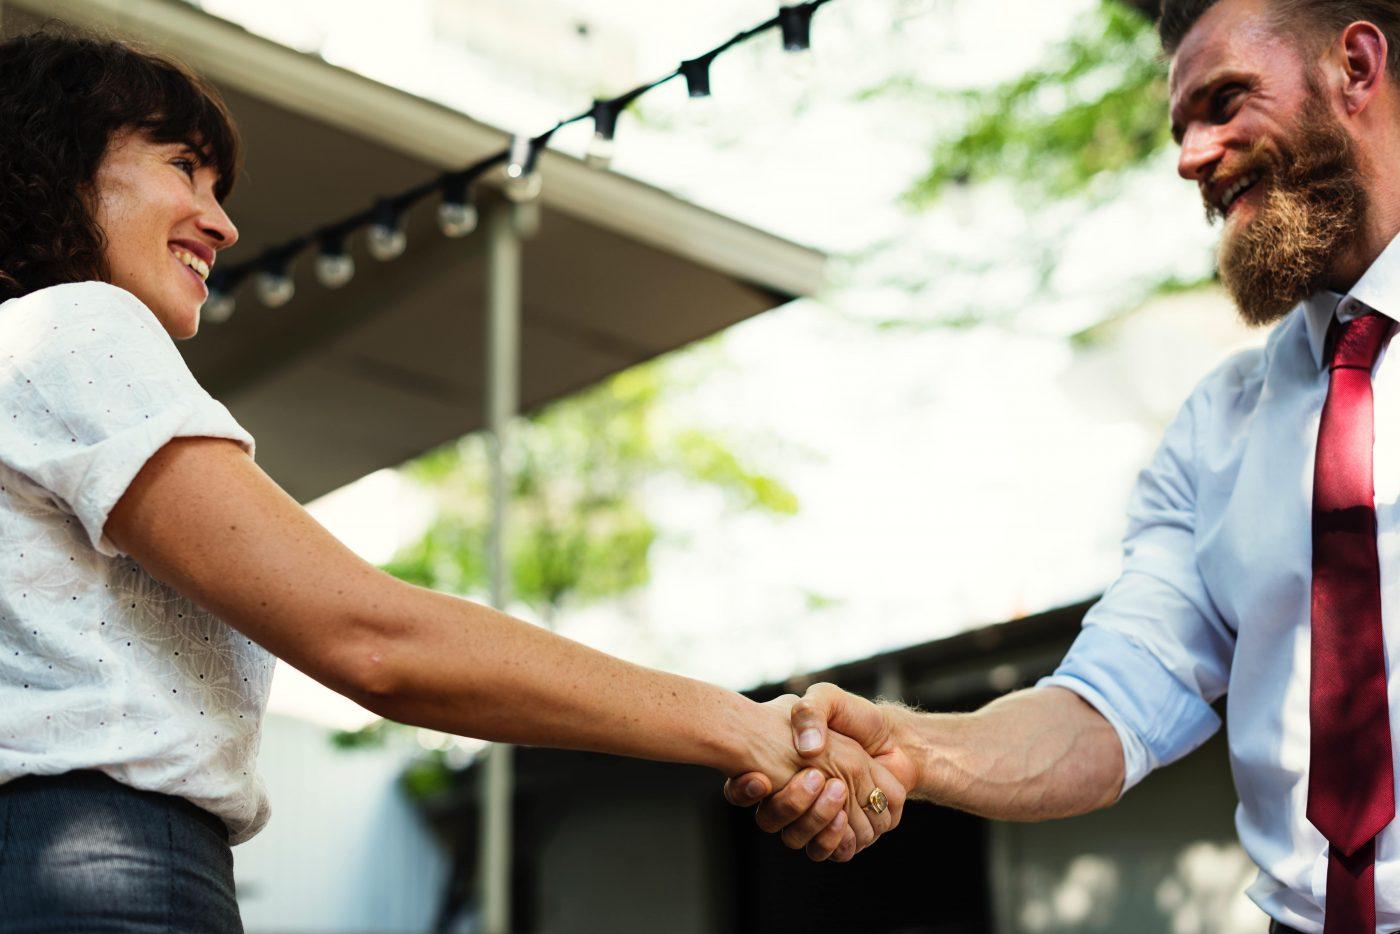 カギを握るのはパートナー?スタートアップへの転職を応援してもらうためにすべきこと